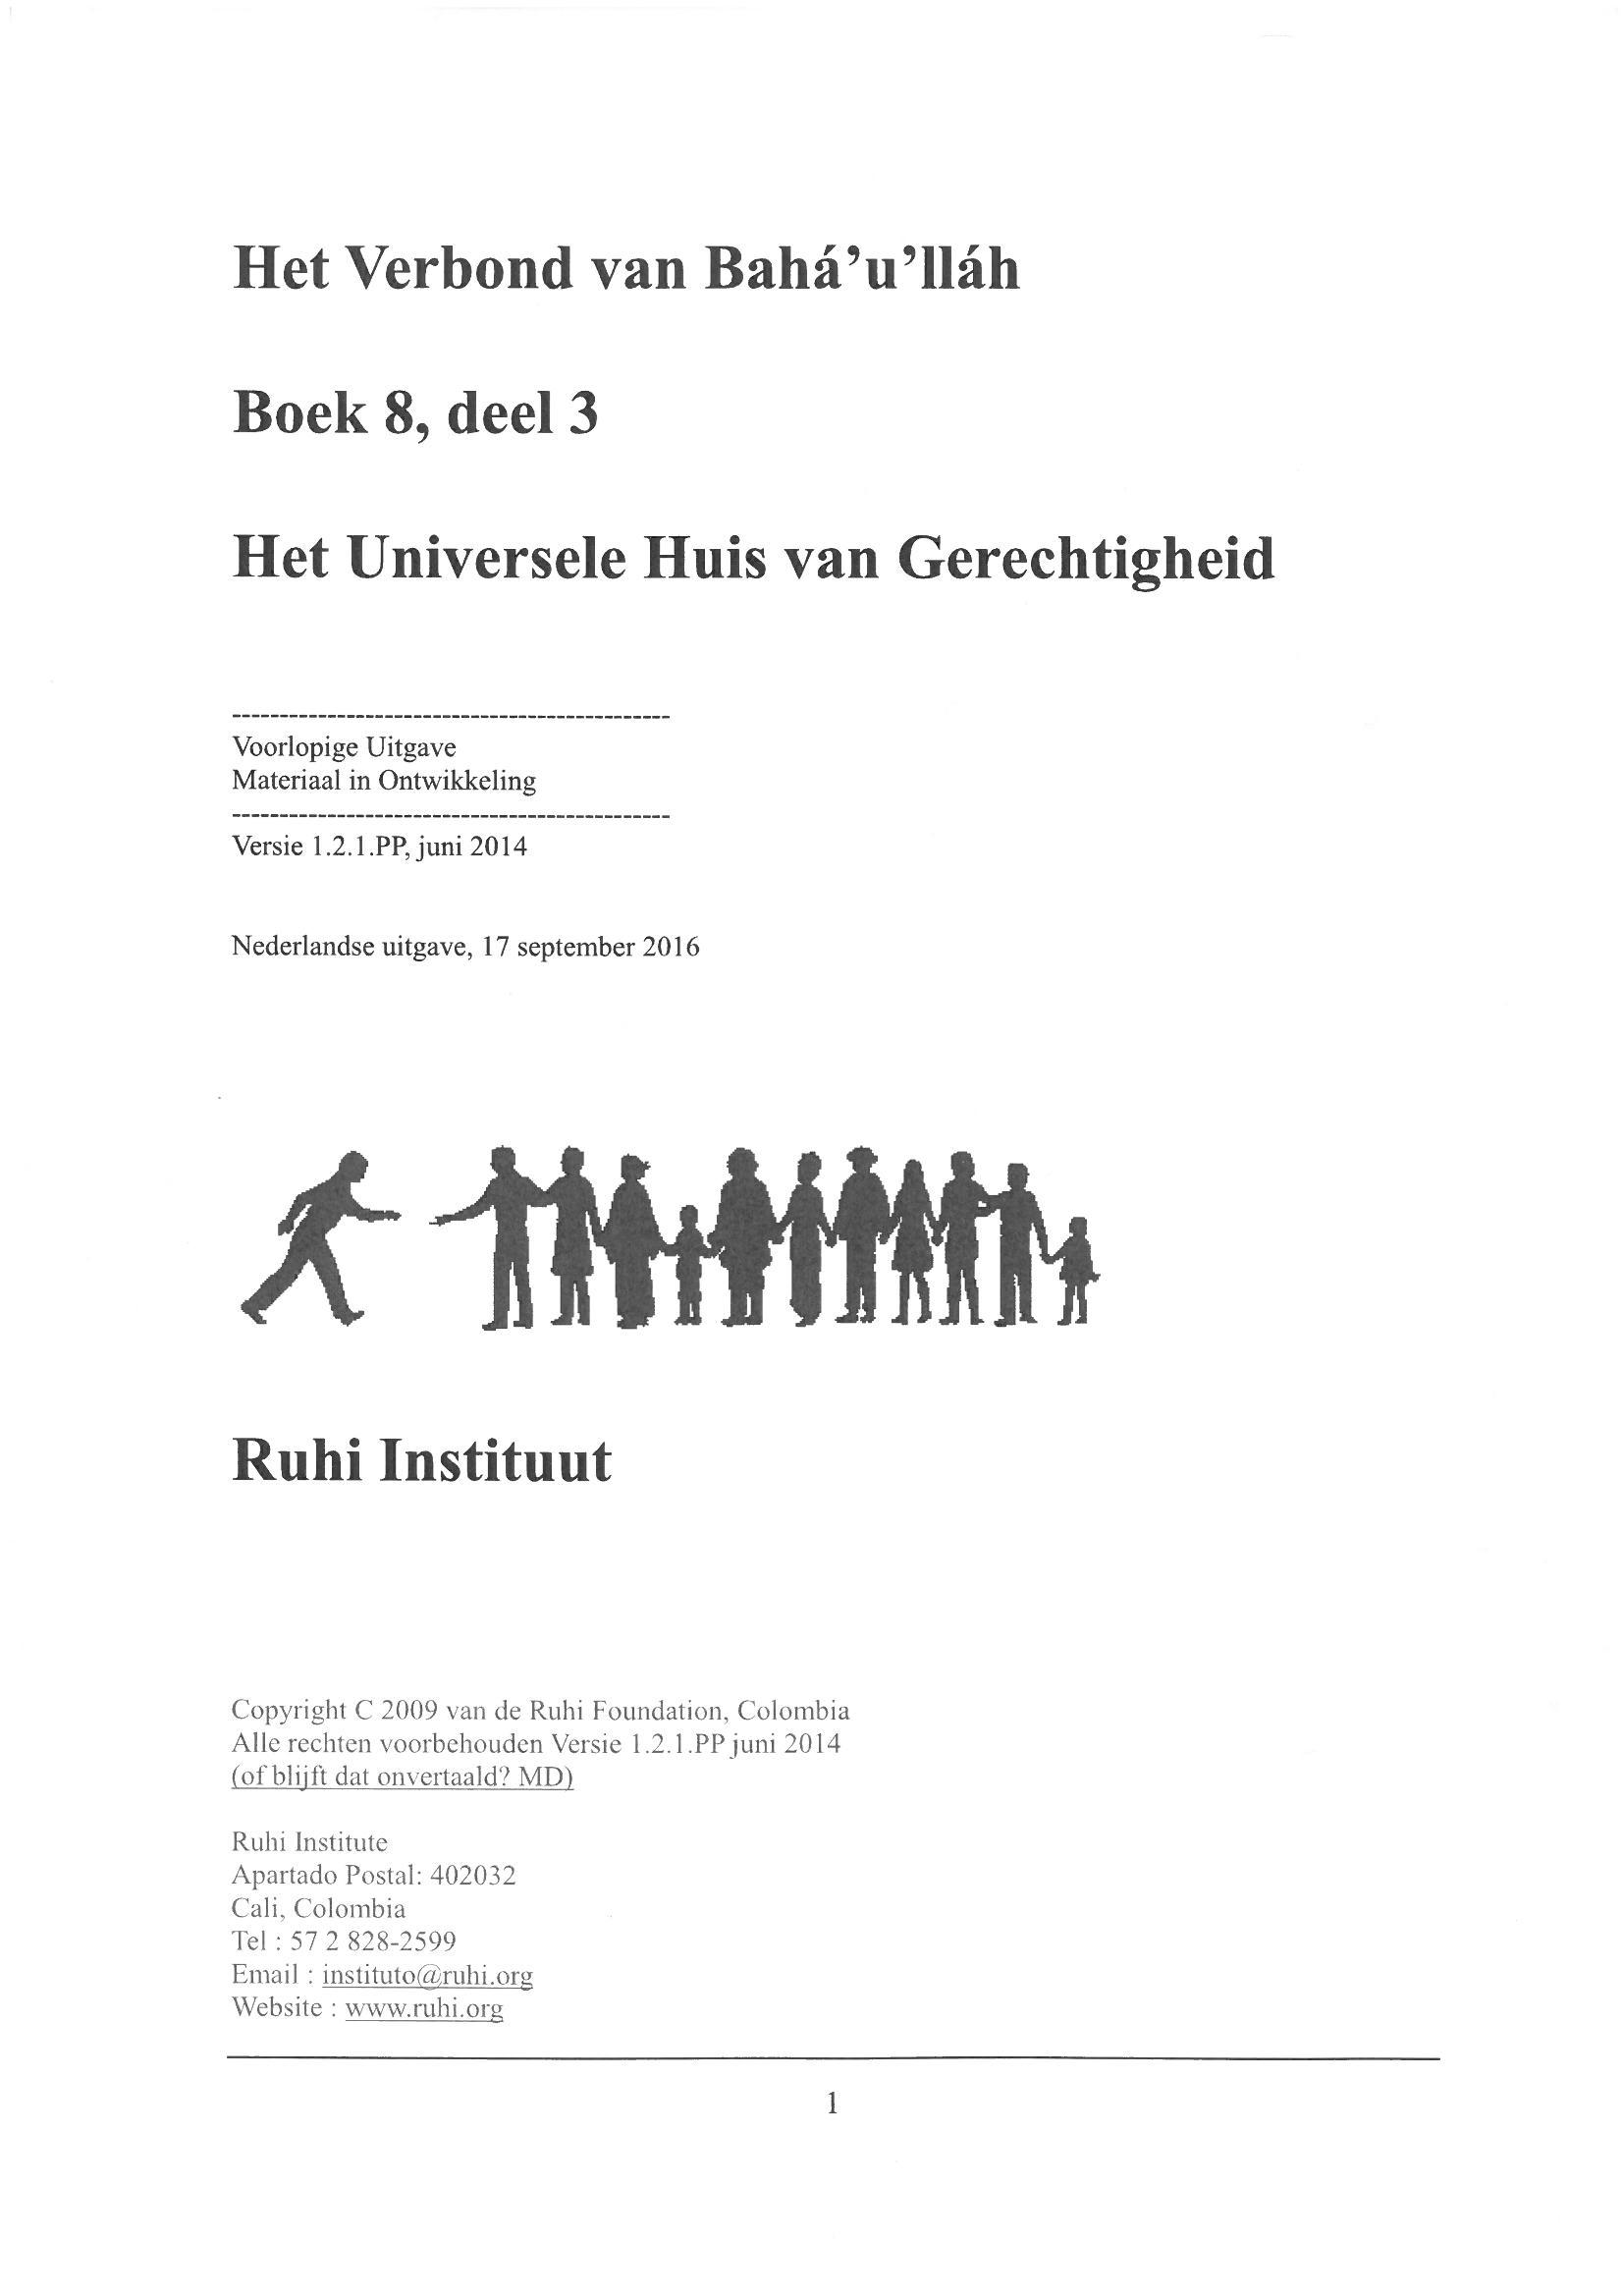 Ruhi - boek 8 deel 3